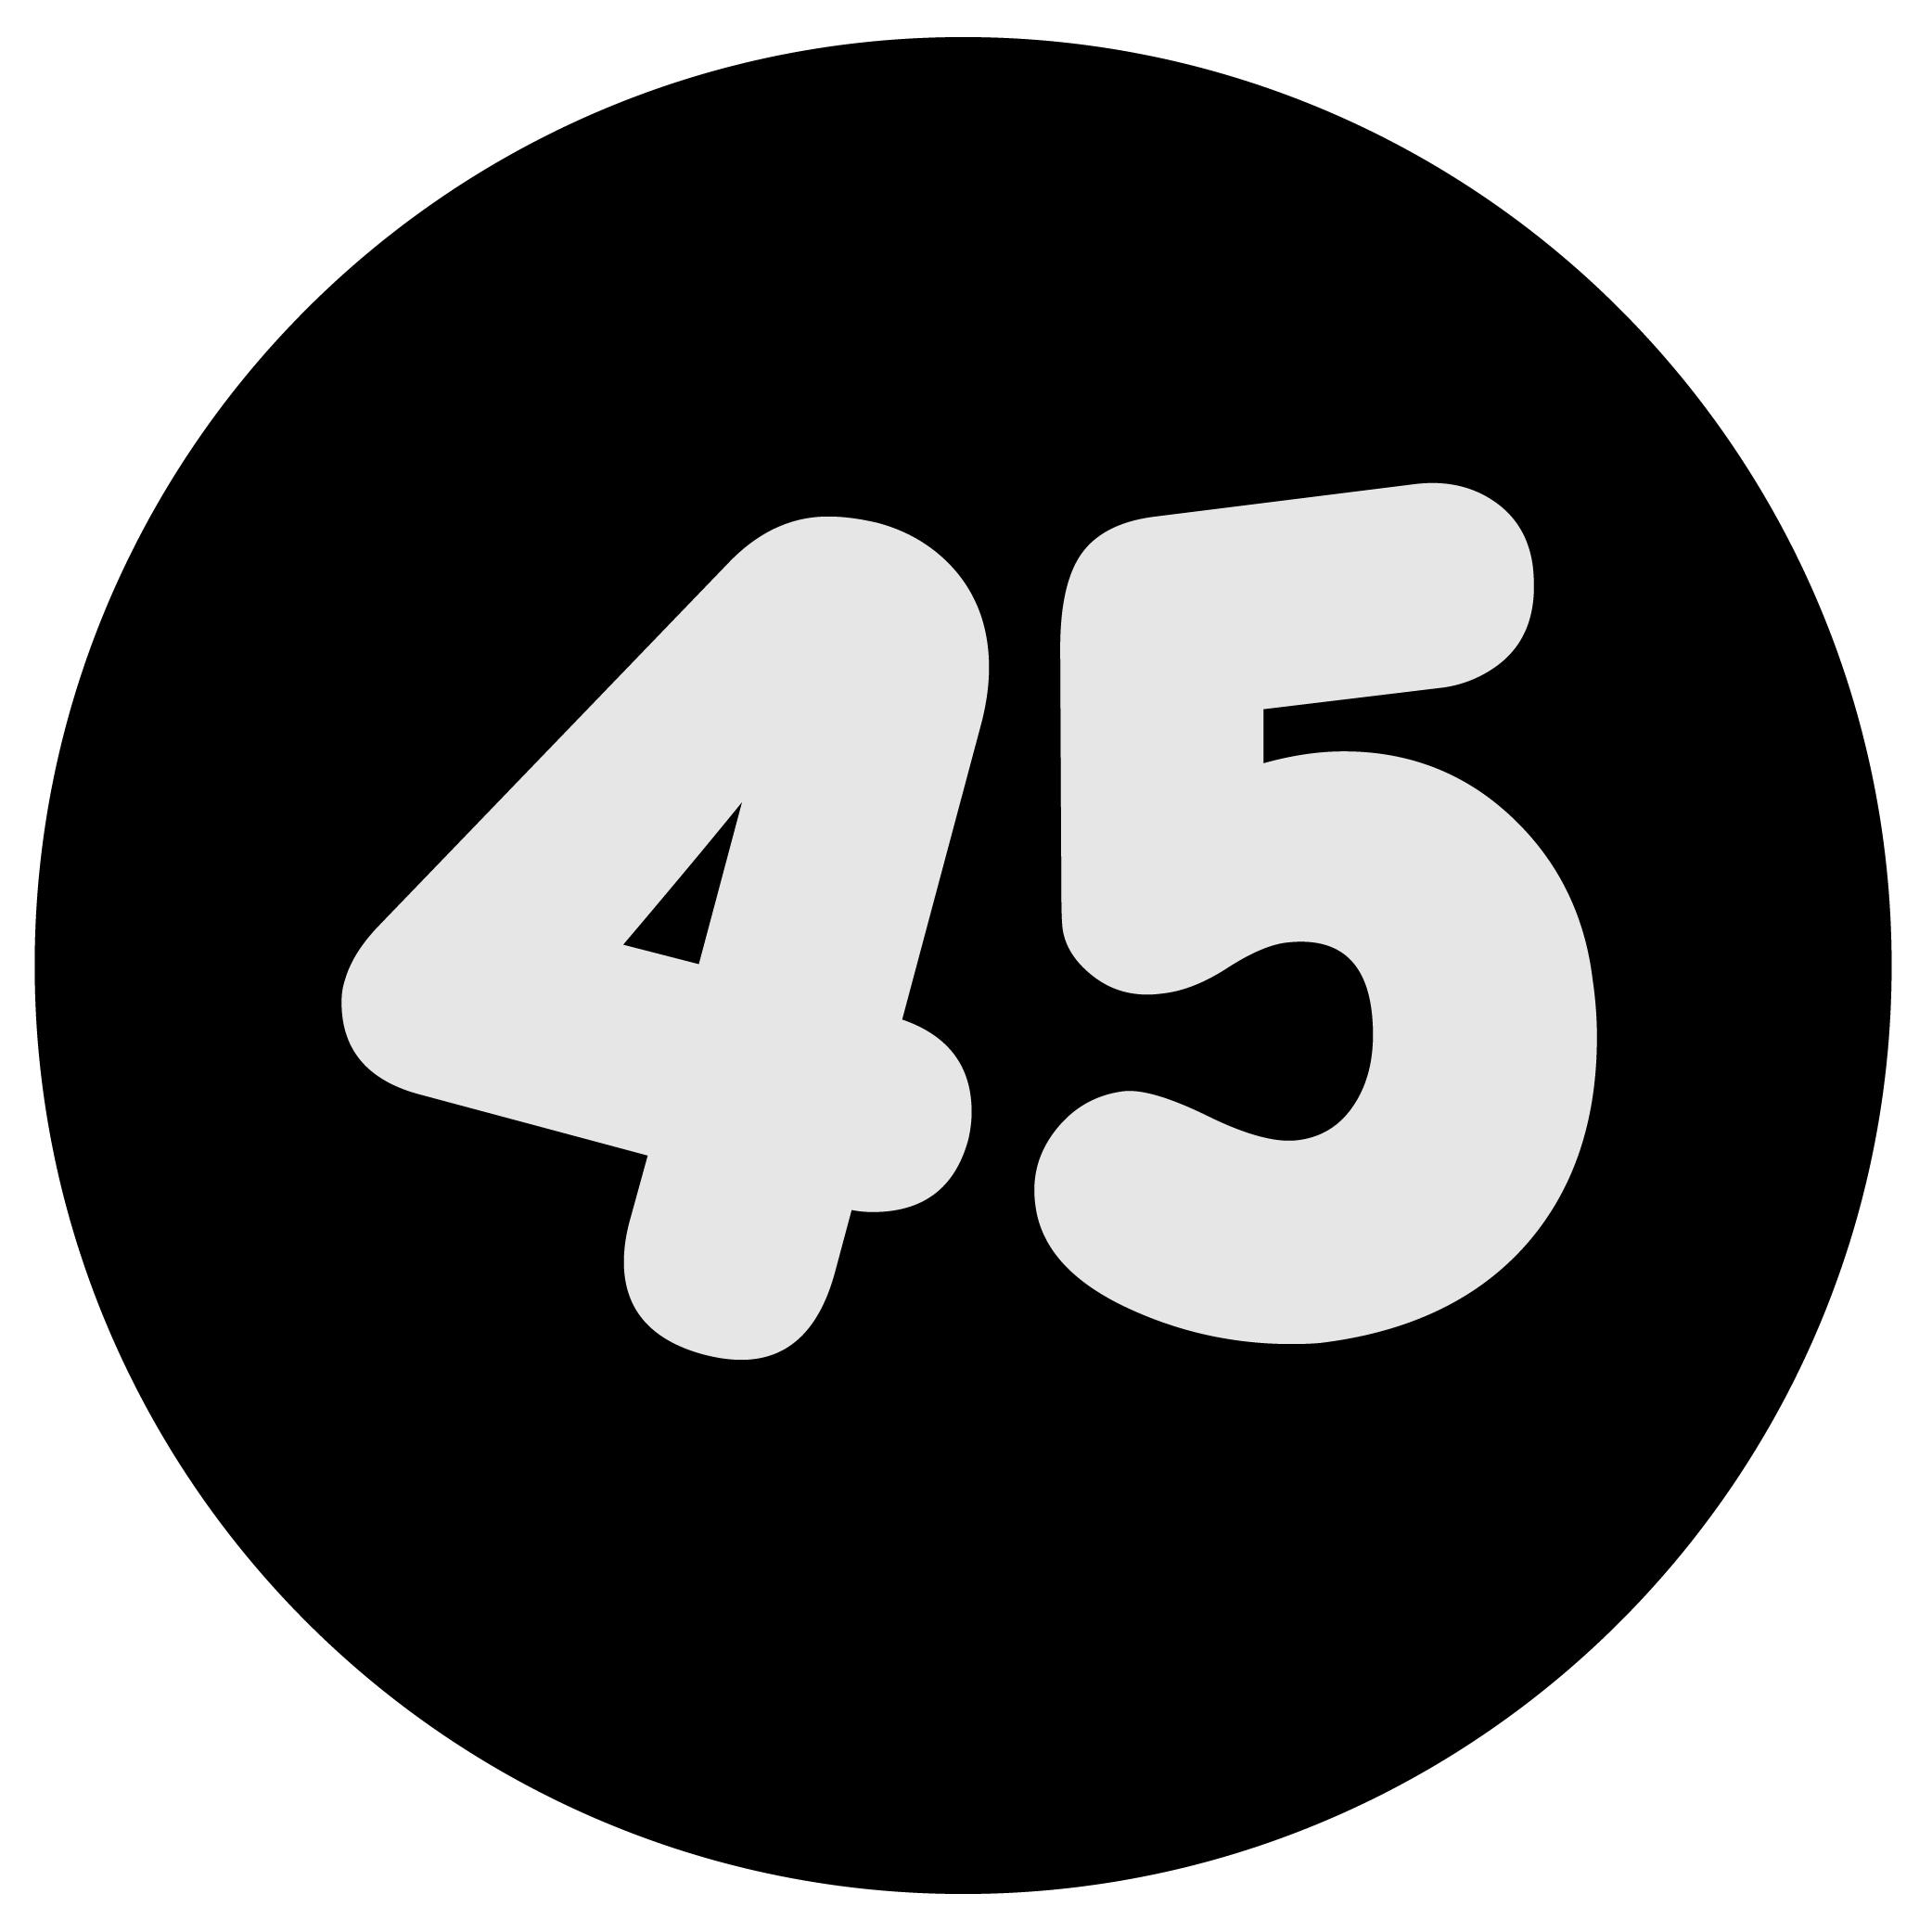 circles-34.png